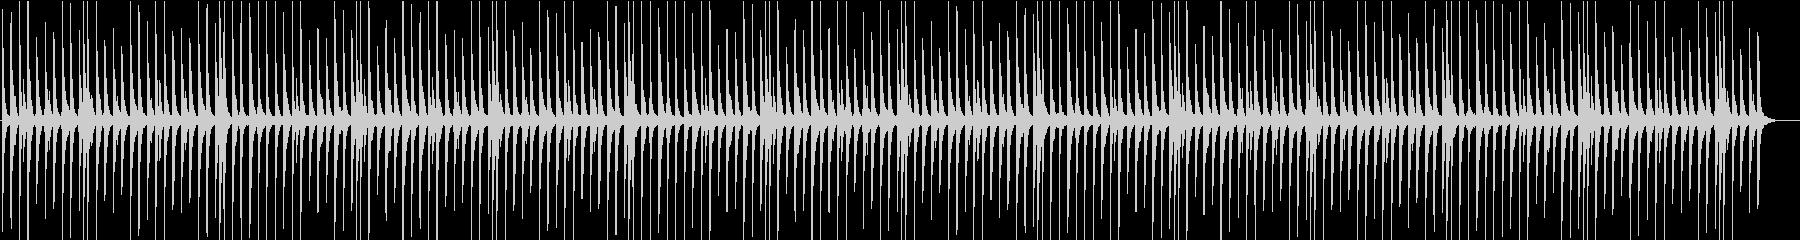 沖縄民謡「てぃんさぐぬ花」三線のみの未再生の波形